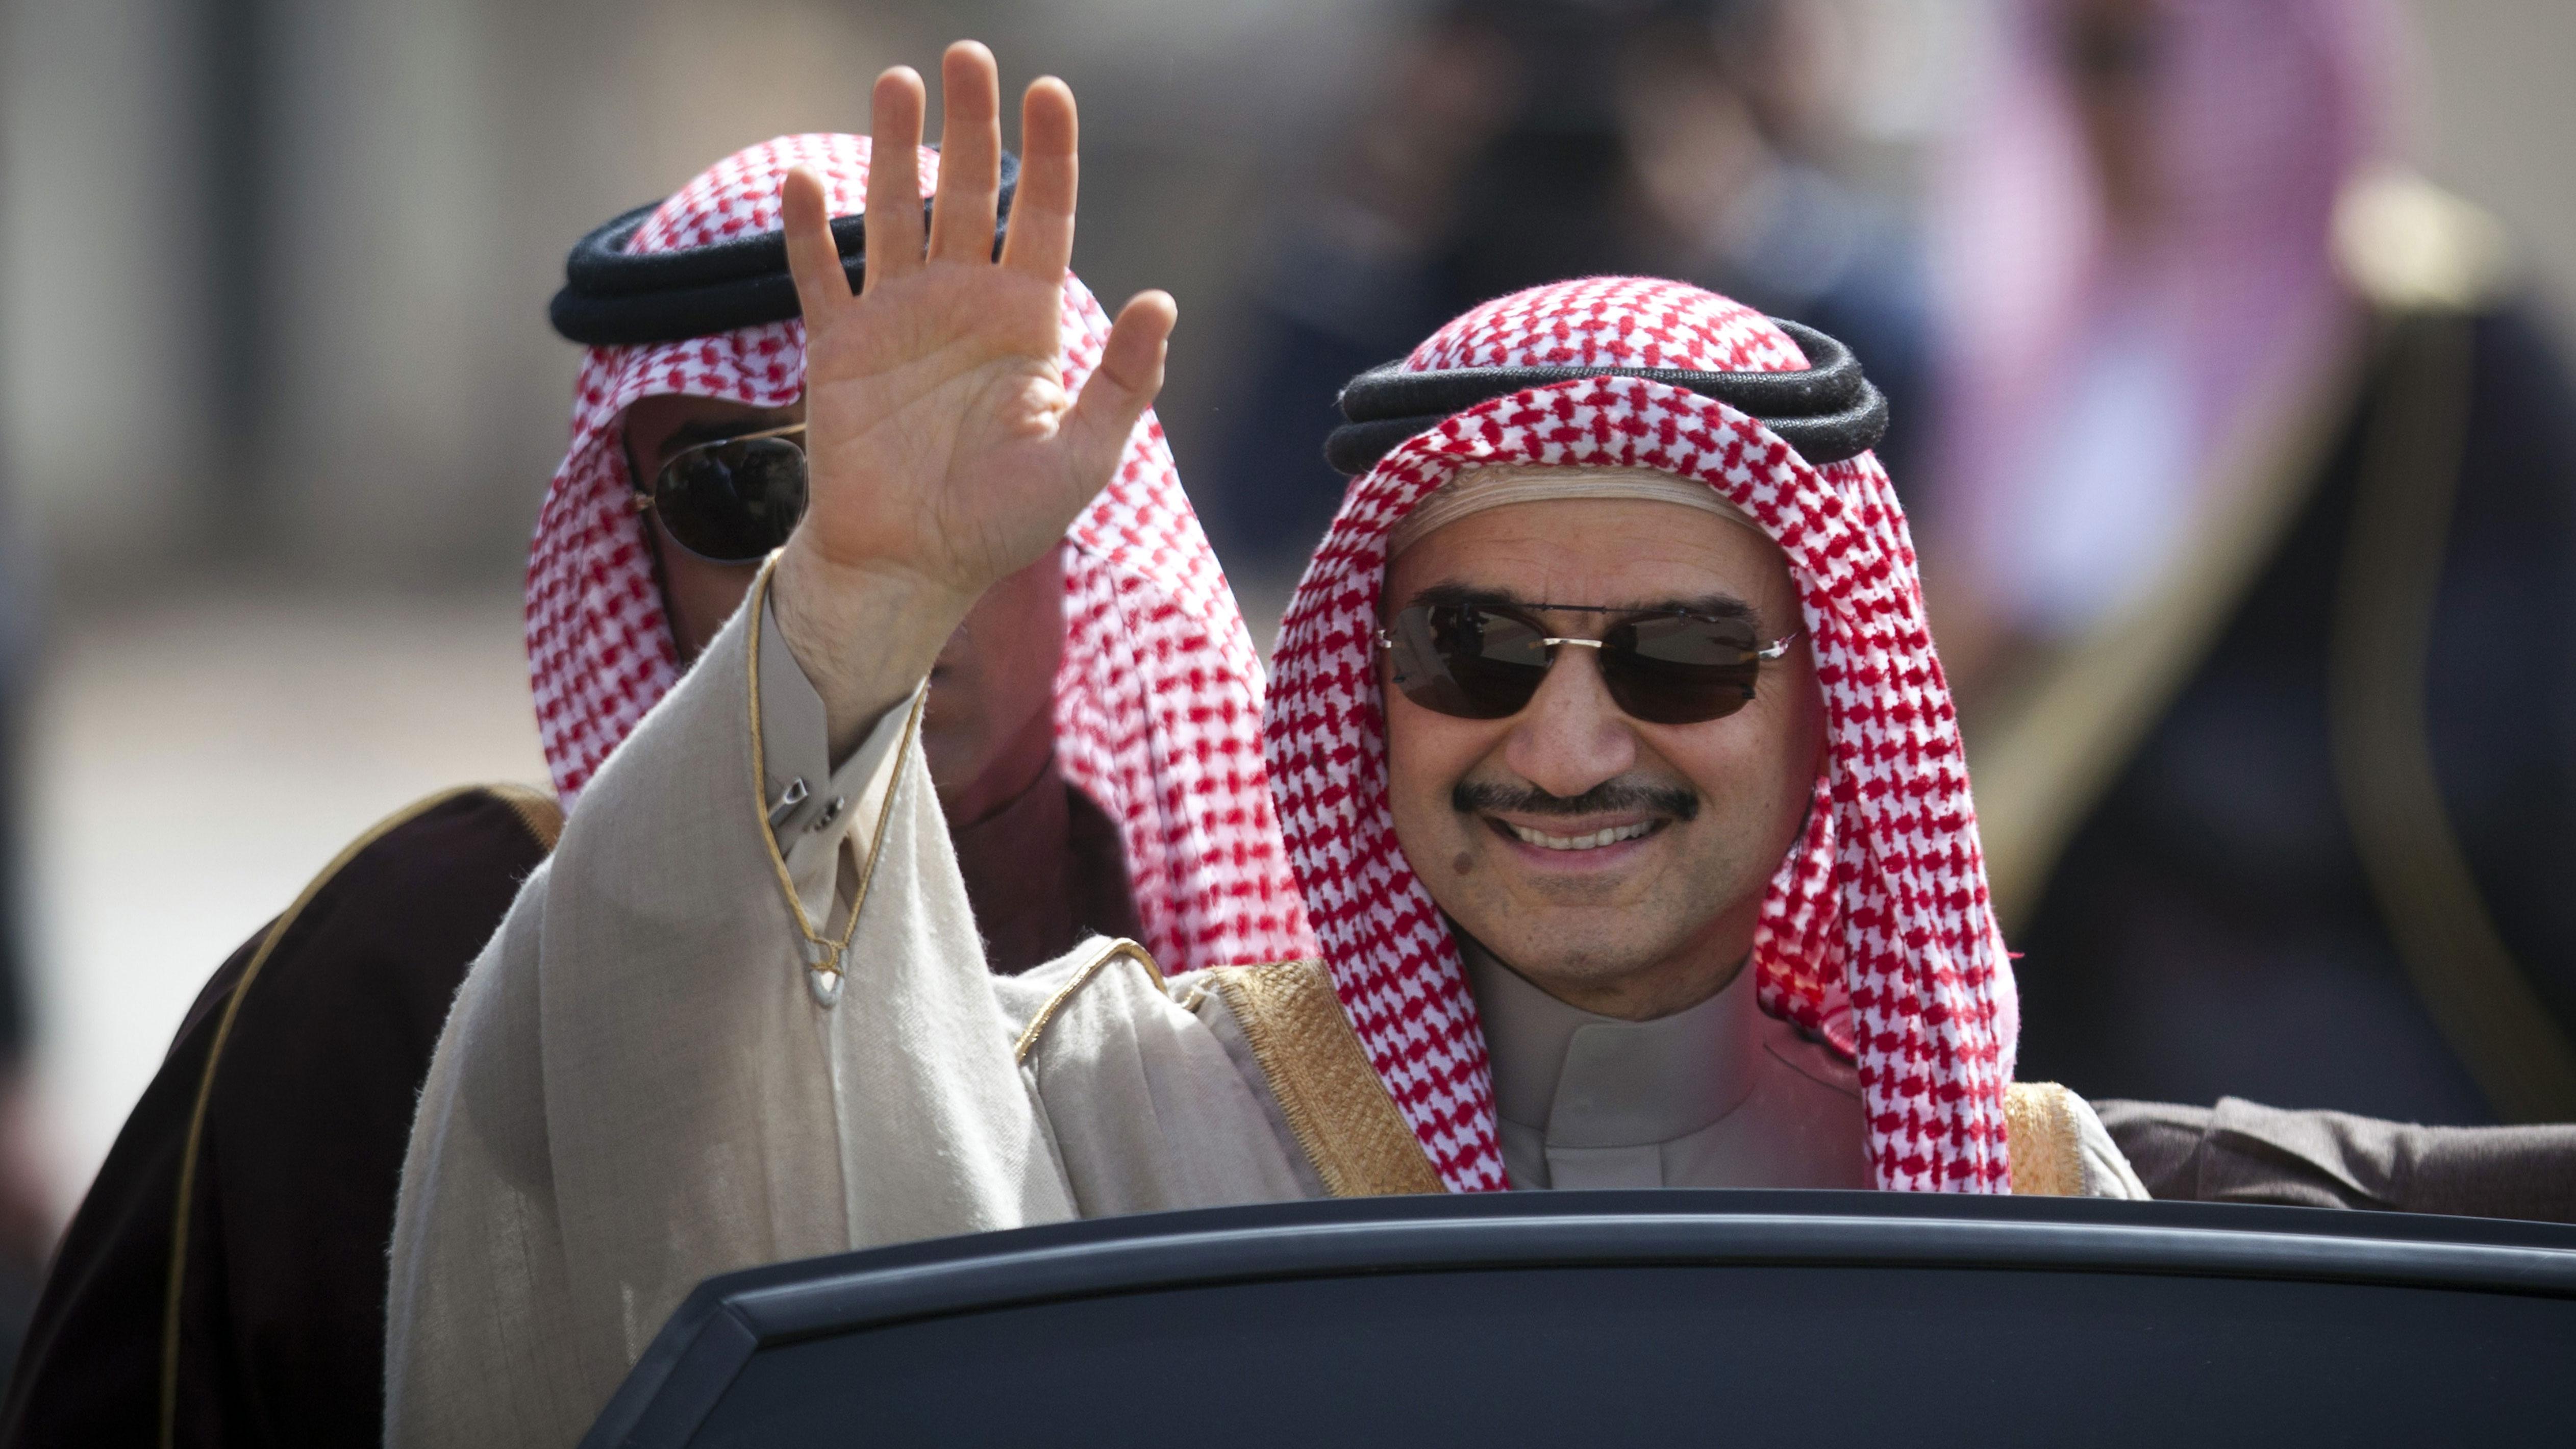 DATEI - In diesem Dateifoto vom 4. Februar 2014 winkt der saudische Milliardär Prinz Alwaleed bin Talal im Hauptquartier des palästinensischen Präsidenten Mahmoud Abbas in der Stadt Ramallah im Westjordanland. Bin Talal und seine Investmentgesellschaft haben in den vergangenen sechs Wochen ihre Anteile an den börsennotierten Aktien von Twitter verdoppelt. Eine gemeinsame Erklärung des Prinzen und seiner in Riad ansässigen Kingdom Holding Company vom Mittwoch, den 7. Oktober 2015, besagt, dass ihre gemeinsamen Anteile mehr als 5 Prozent der Stammaktien von Twitter ausmachen, mit einem Marktwert von 1 Milliarde US-Dollar. (AP Foto / Majdi Mohammed, Datei)